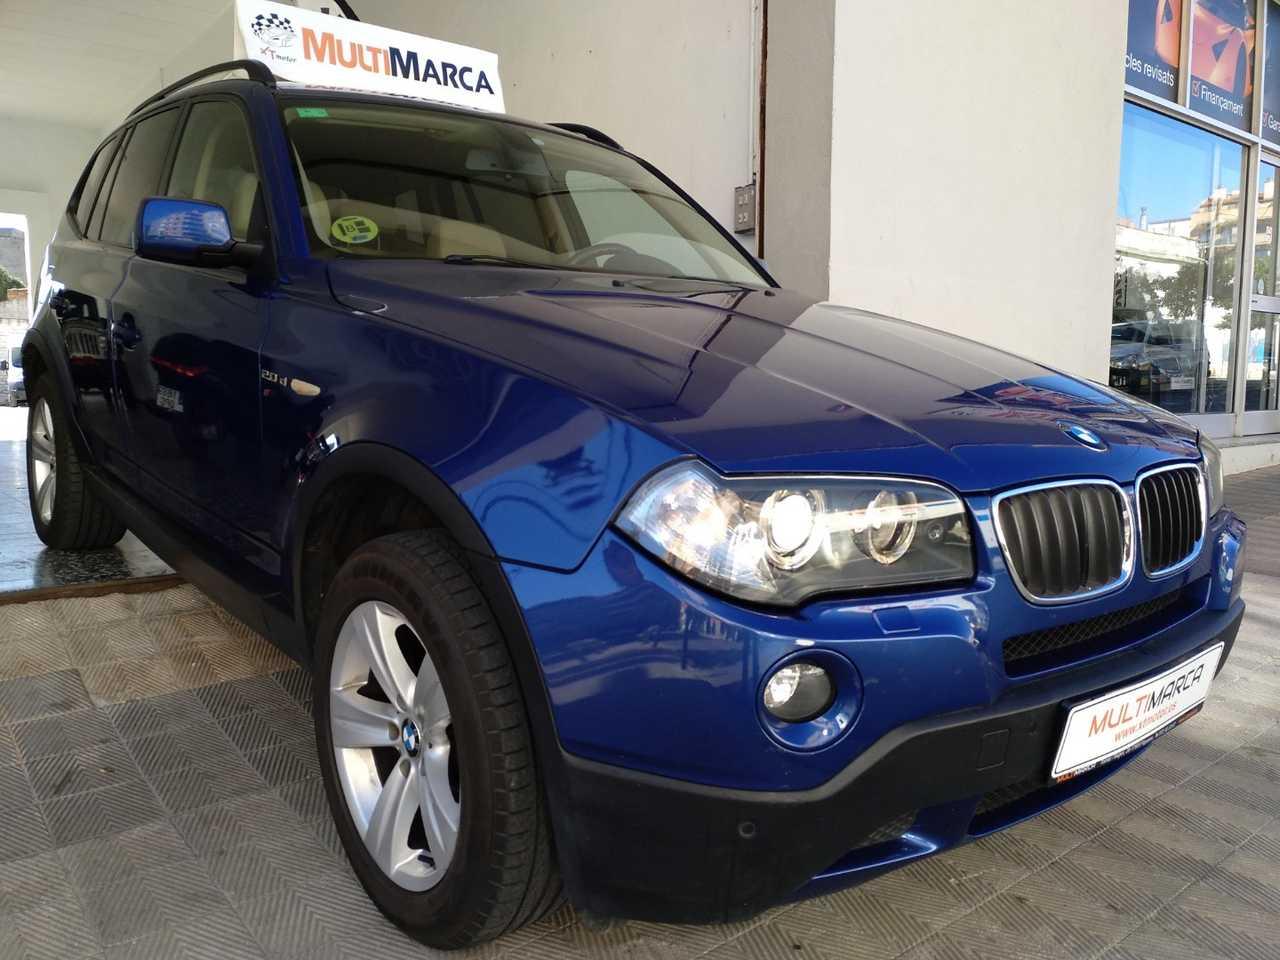 BMW X3 XDRIVE 2.0D 177cv   - Foto 1